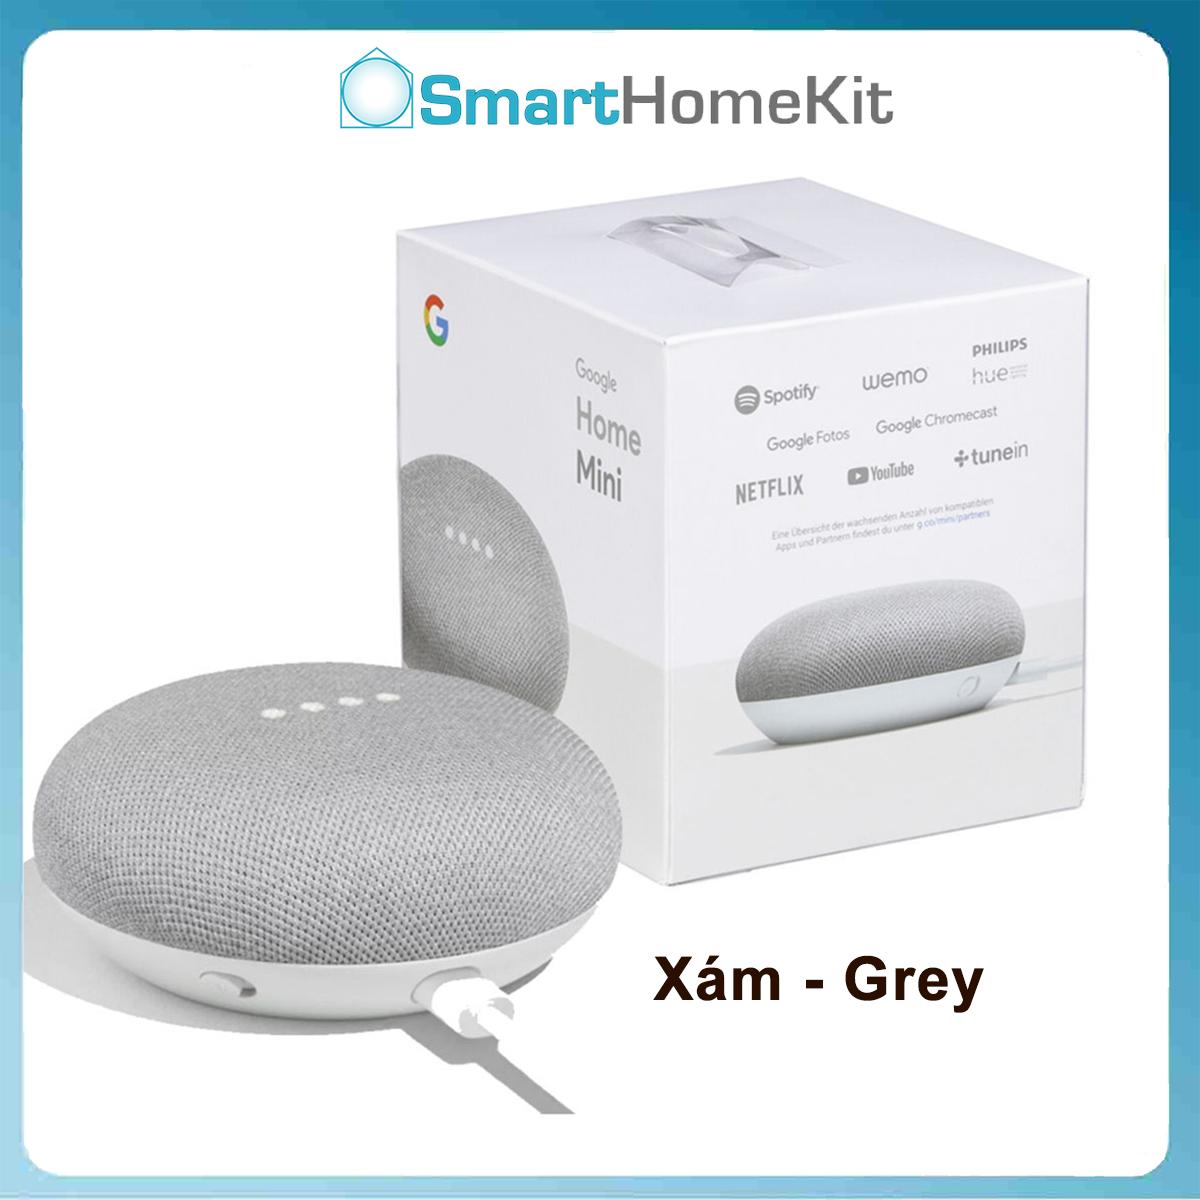 [BH 1 Năm] Loa thông minh Google Home Mini tích hợp trợ lý ảo – full box, nguyên seal